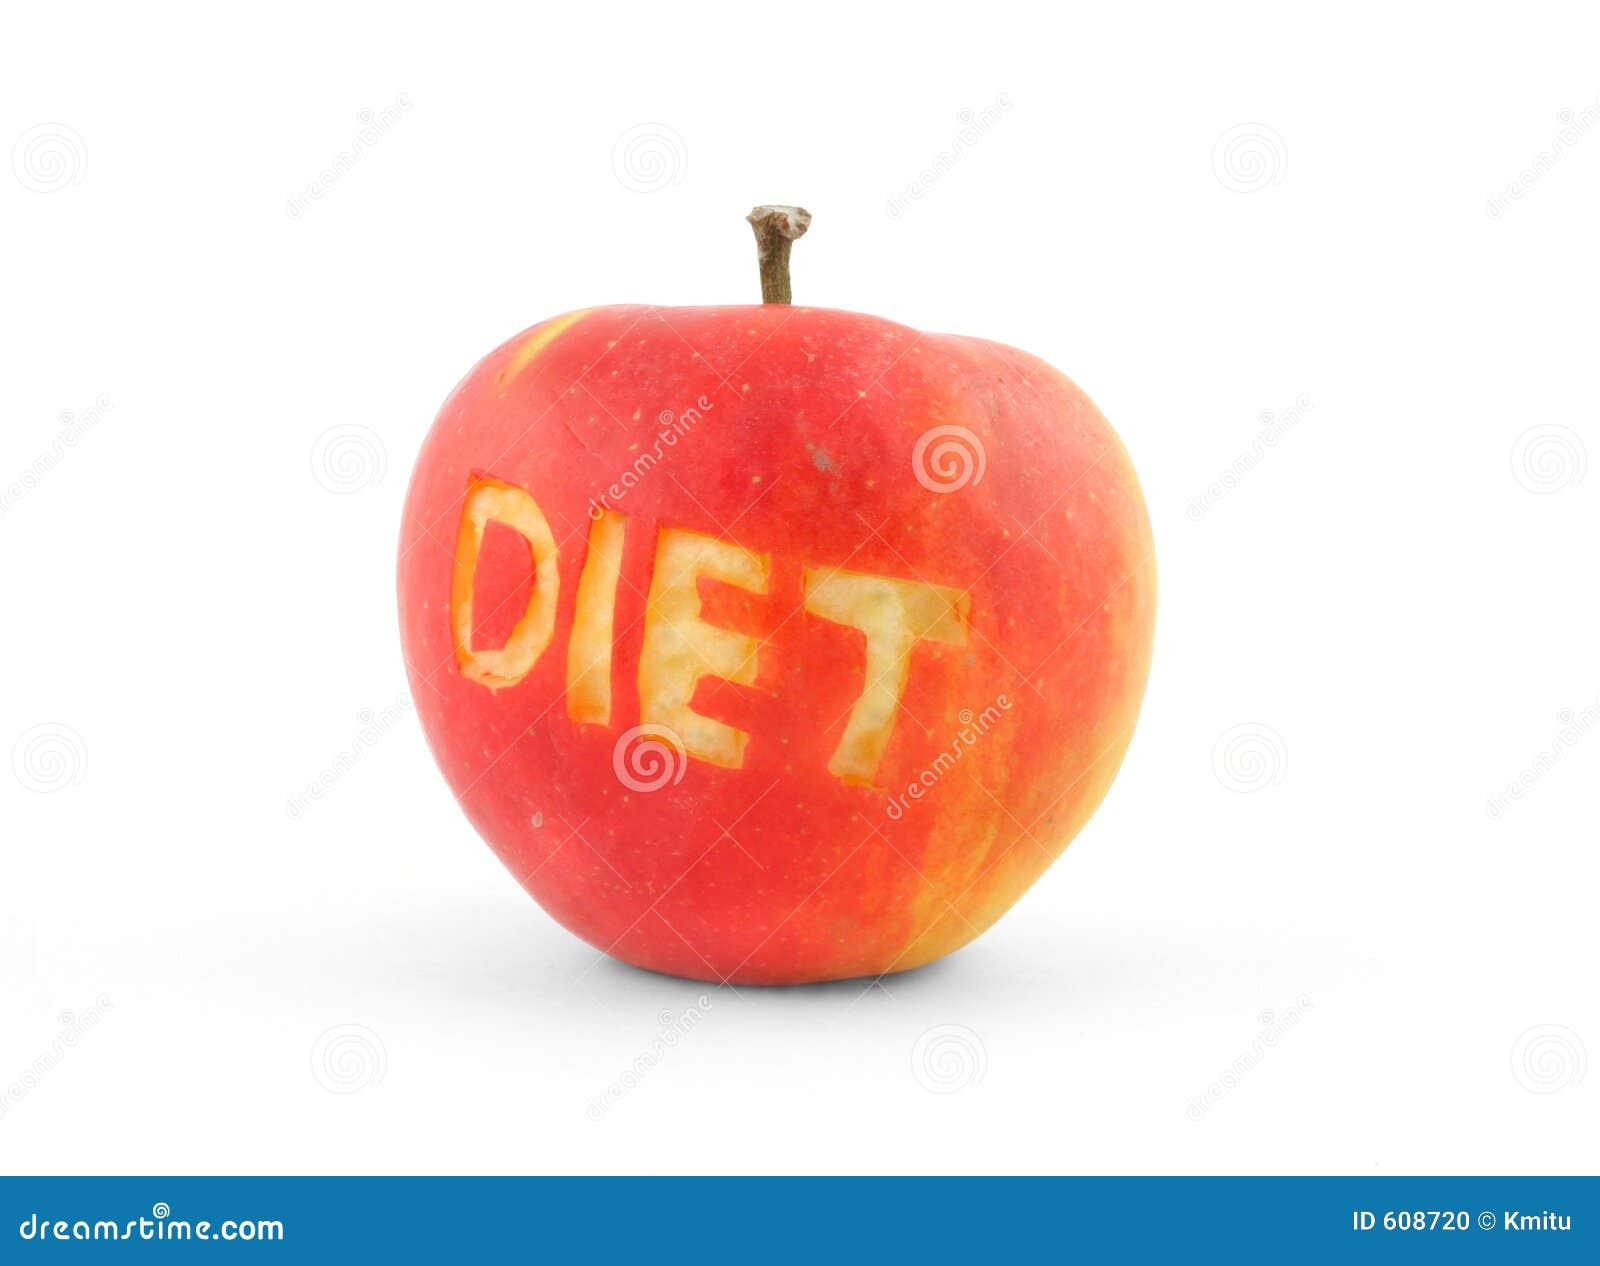 DIEET van Word schaafde uit in een rode appel